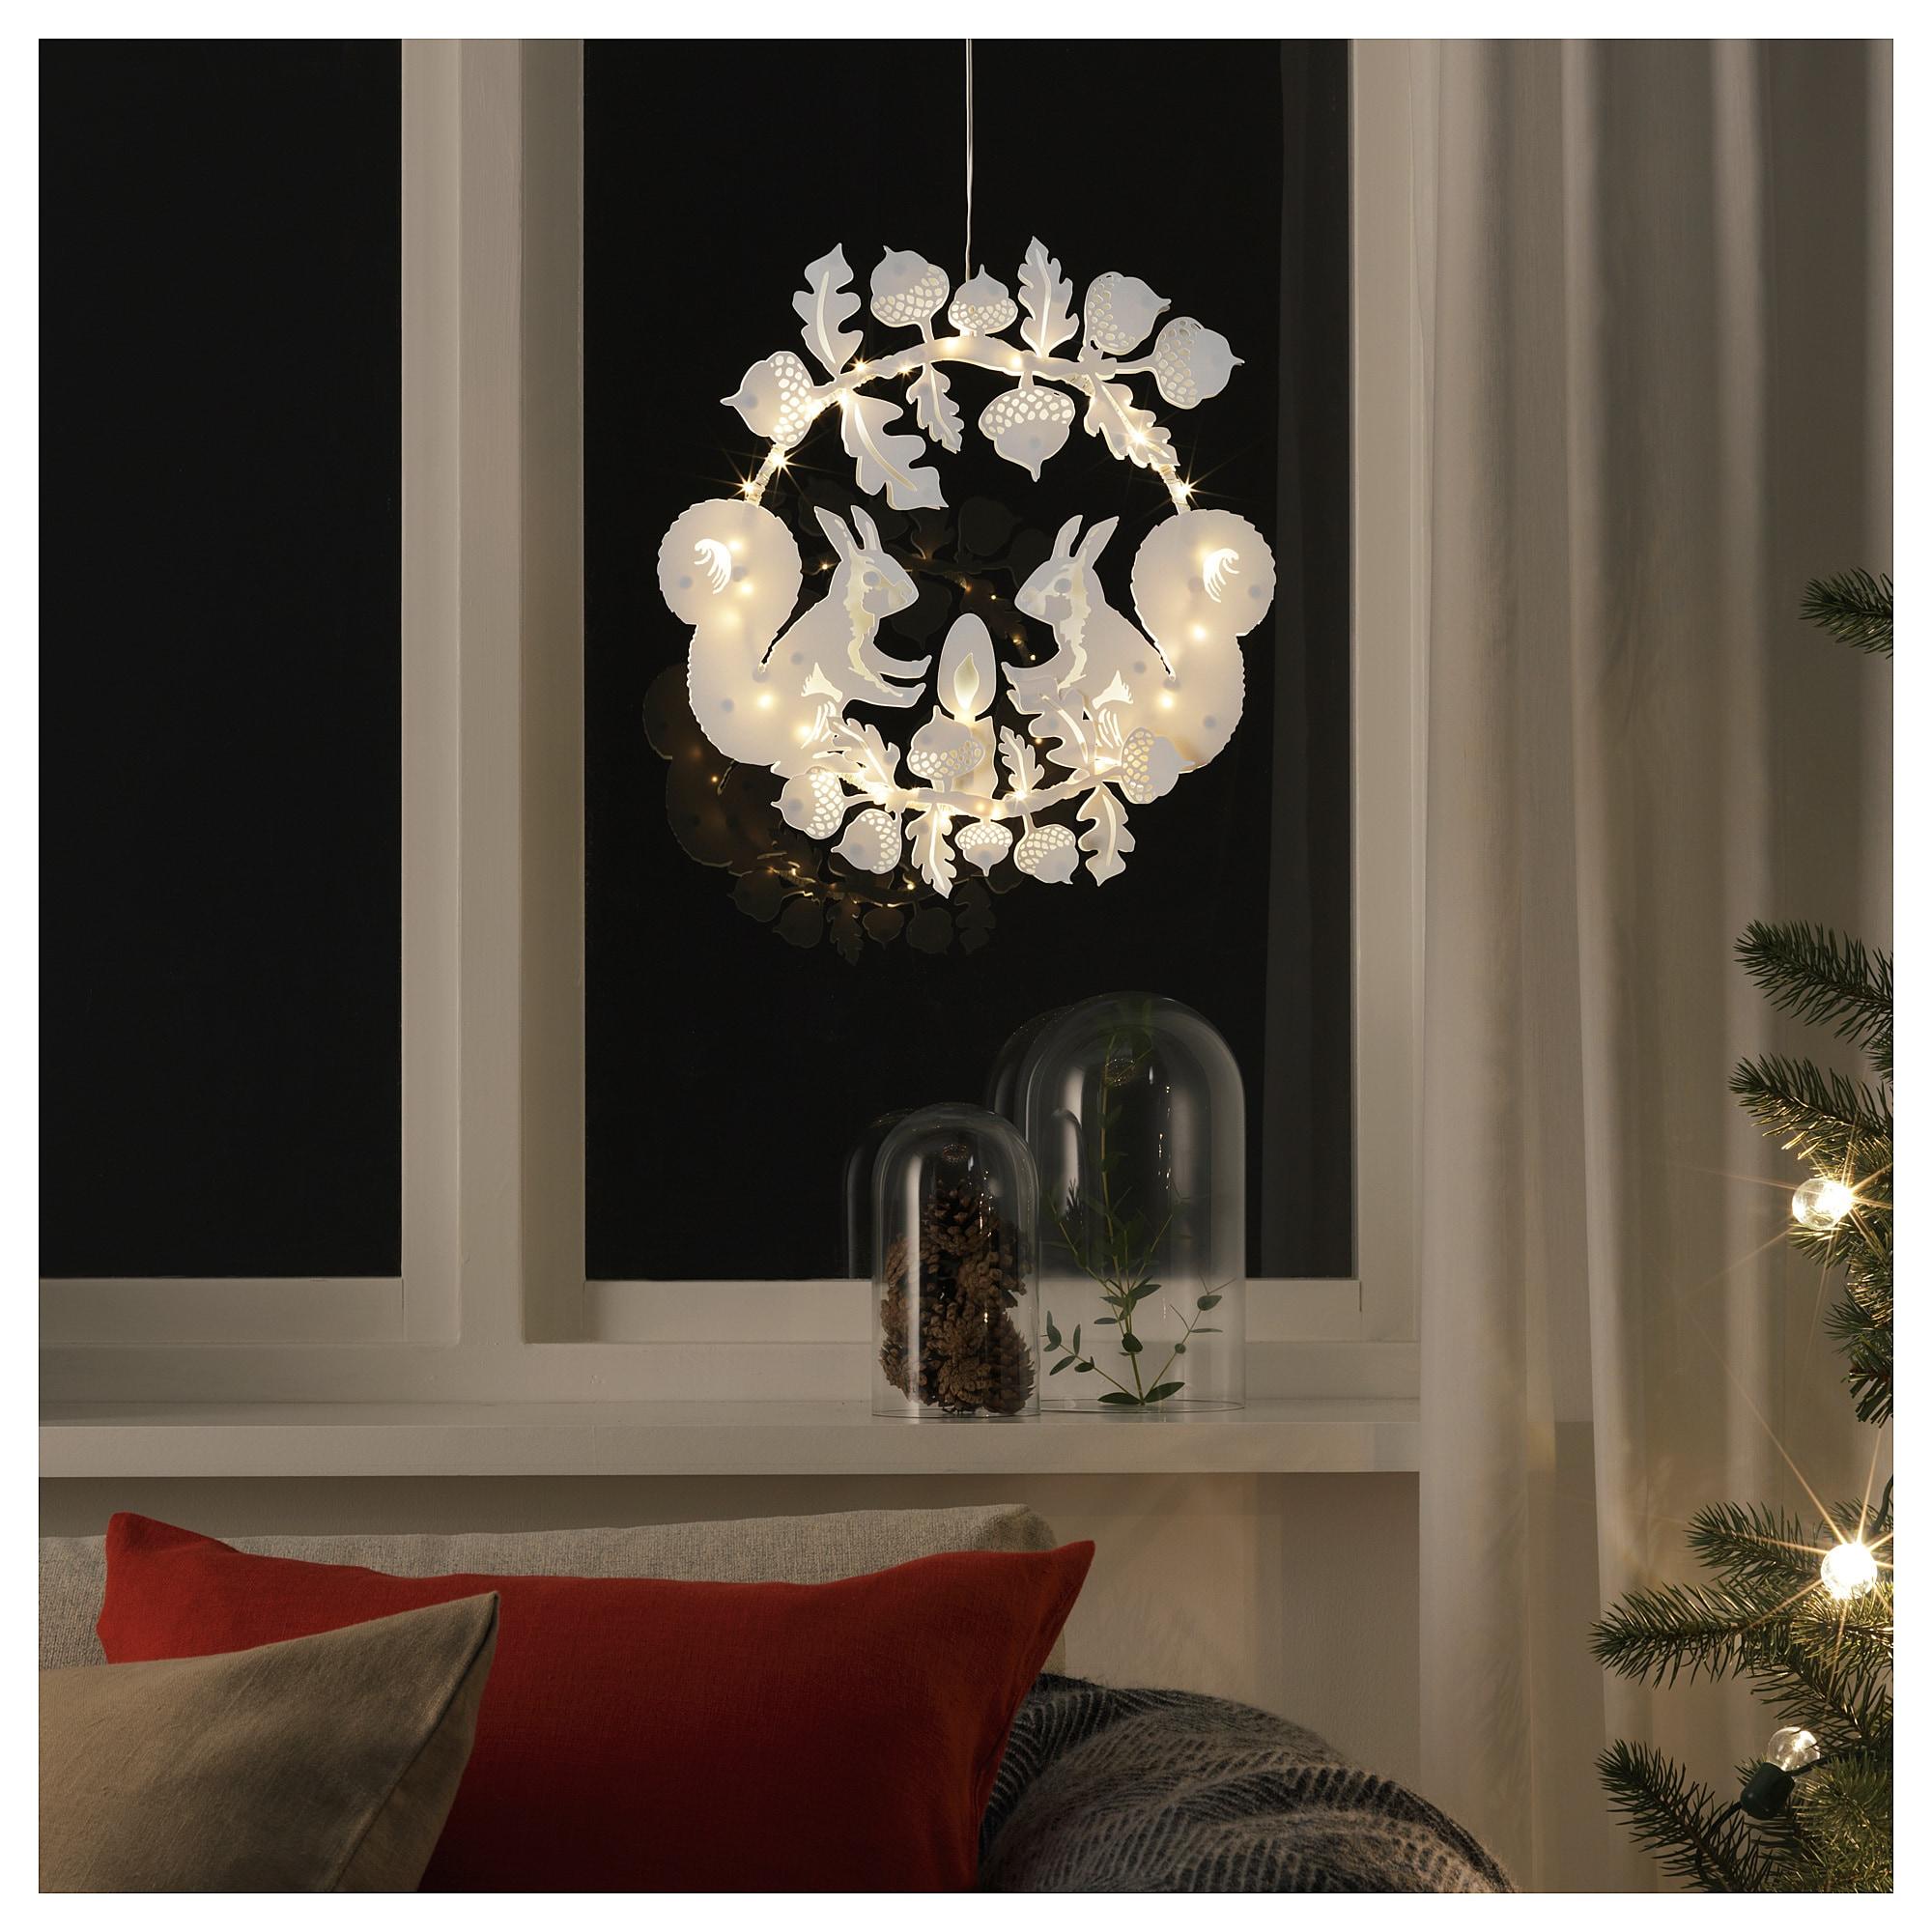 Бра/подвесной светильник СТРОЛА белый артикуль № 304.085.21 в наличии. Online сайт IKEA Минск. Недорогая доставка и соборка.